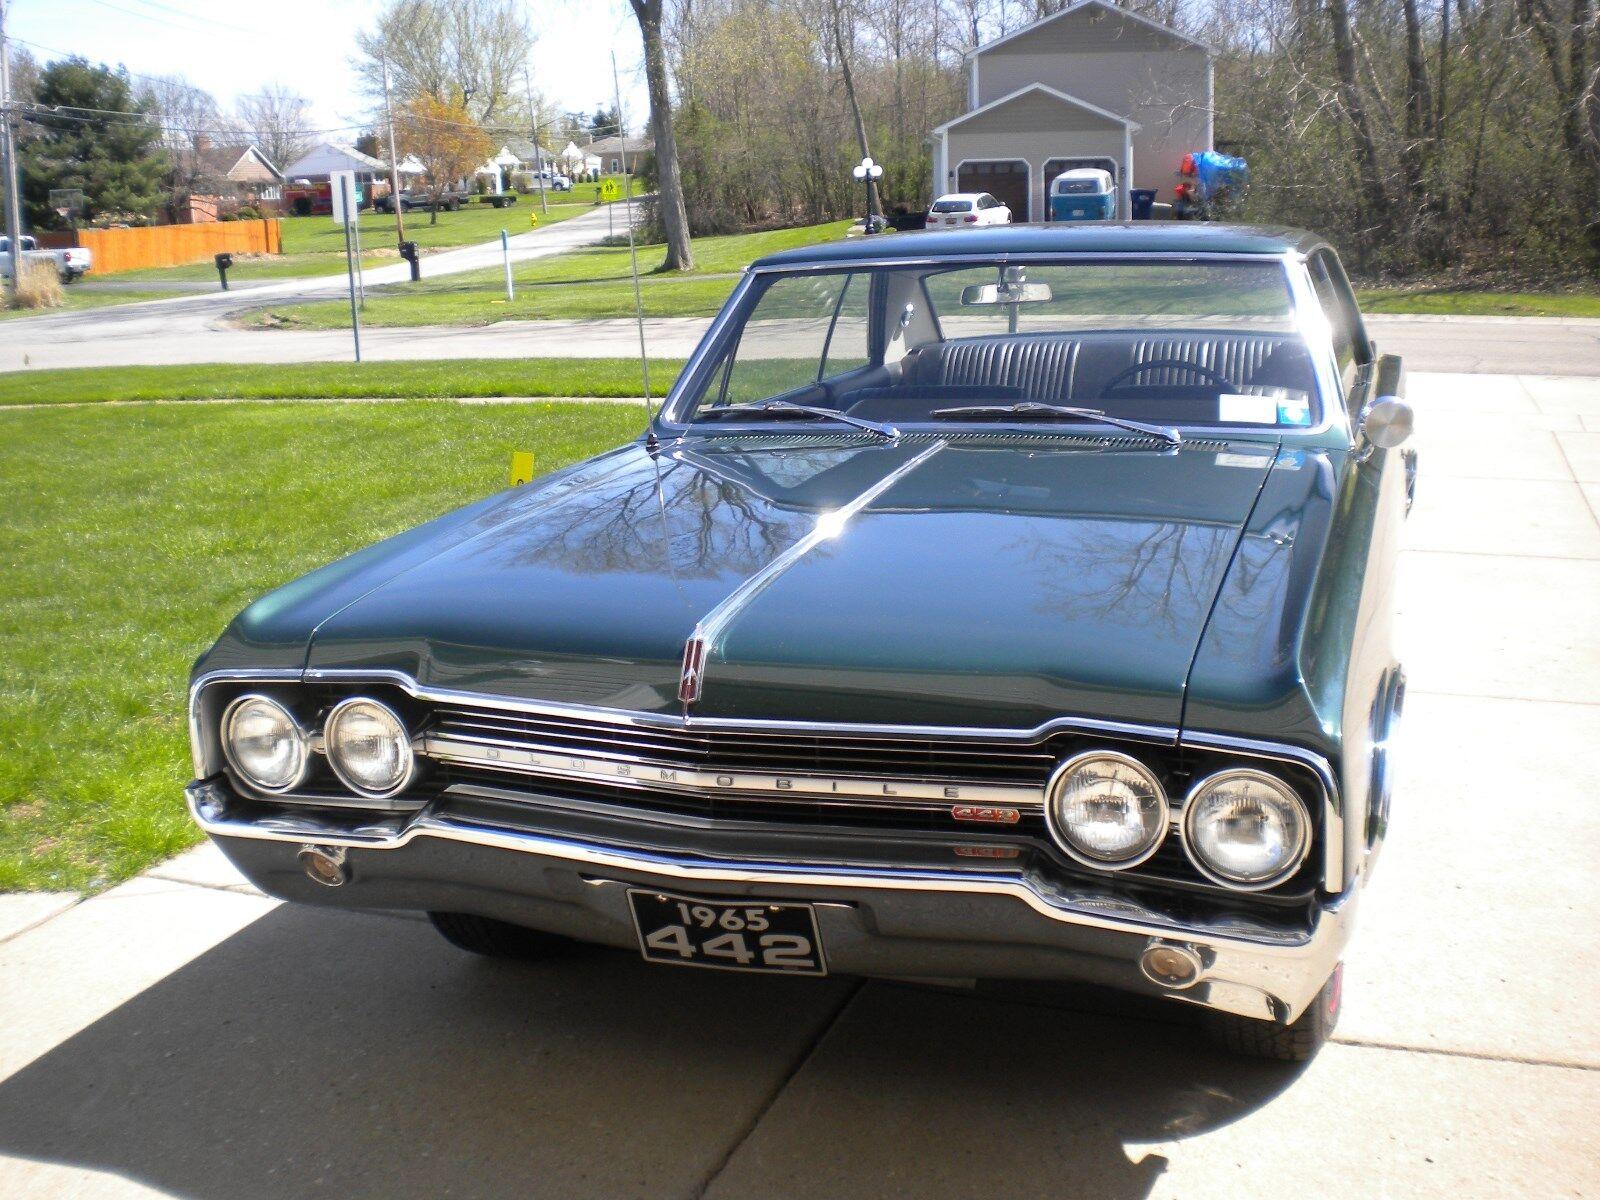 1965 Oldsmobile 442  1965 65 oldsmobile olds 442 f85 cutlass  Frame off restoration